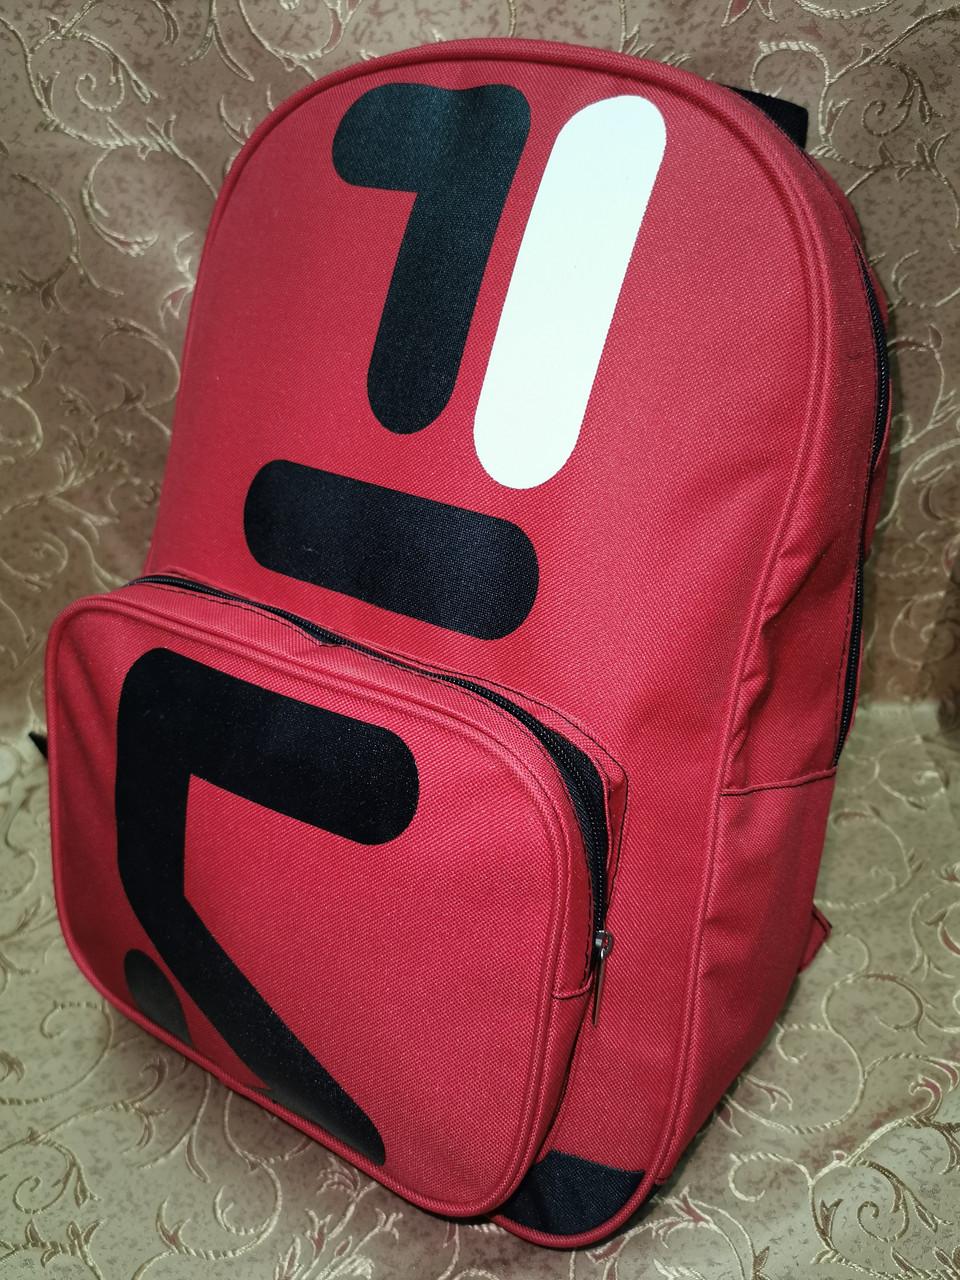 Рюкзак  fila новинки спортивный спорт городской стильный Школьный рюкзак только оптом